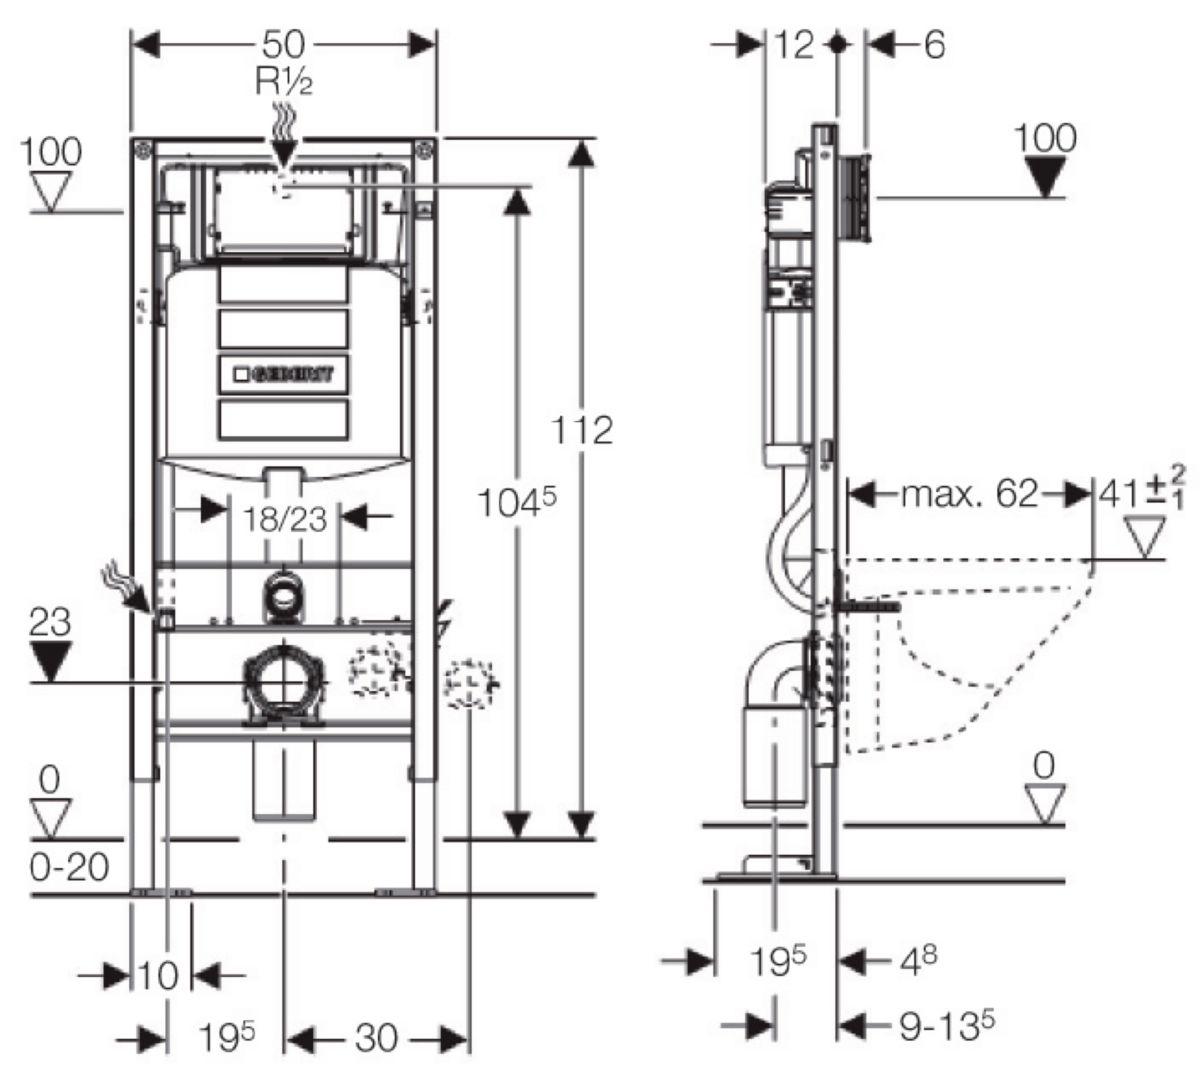 Largeur Wc Suspendu Geberit bâti-support autoportant duofix plus up320 h : 112 cm réf. 111333005